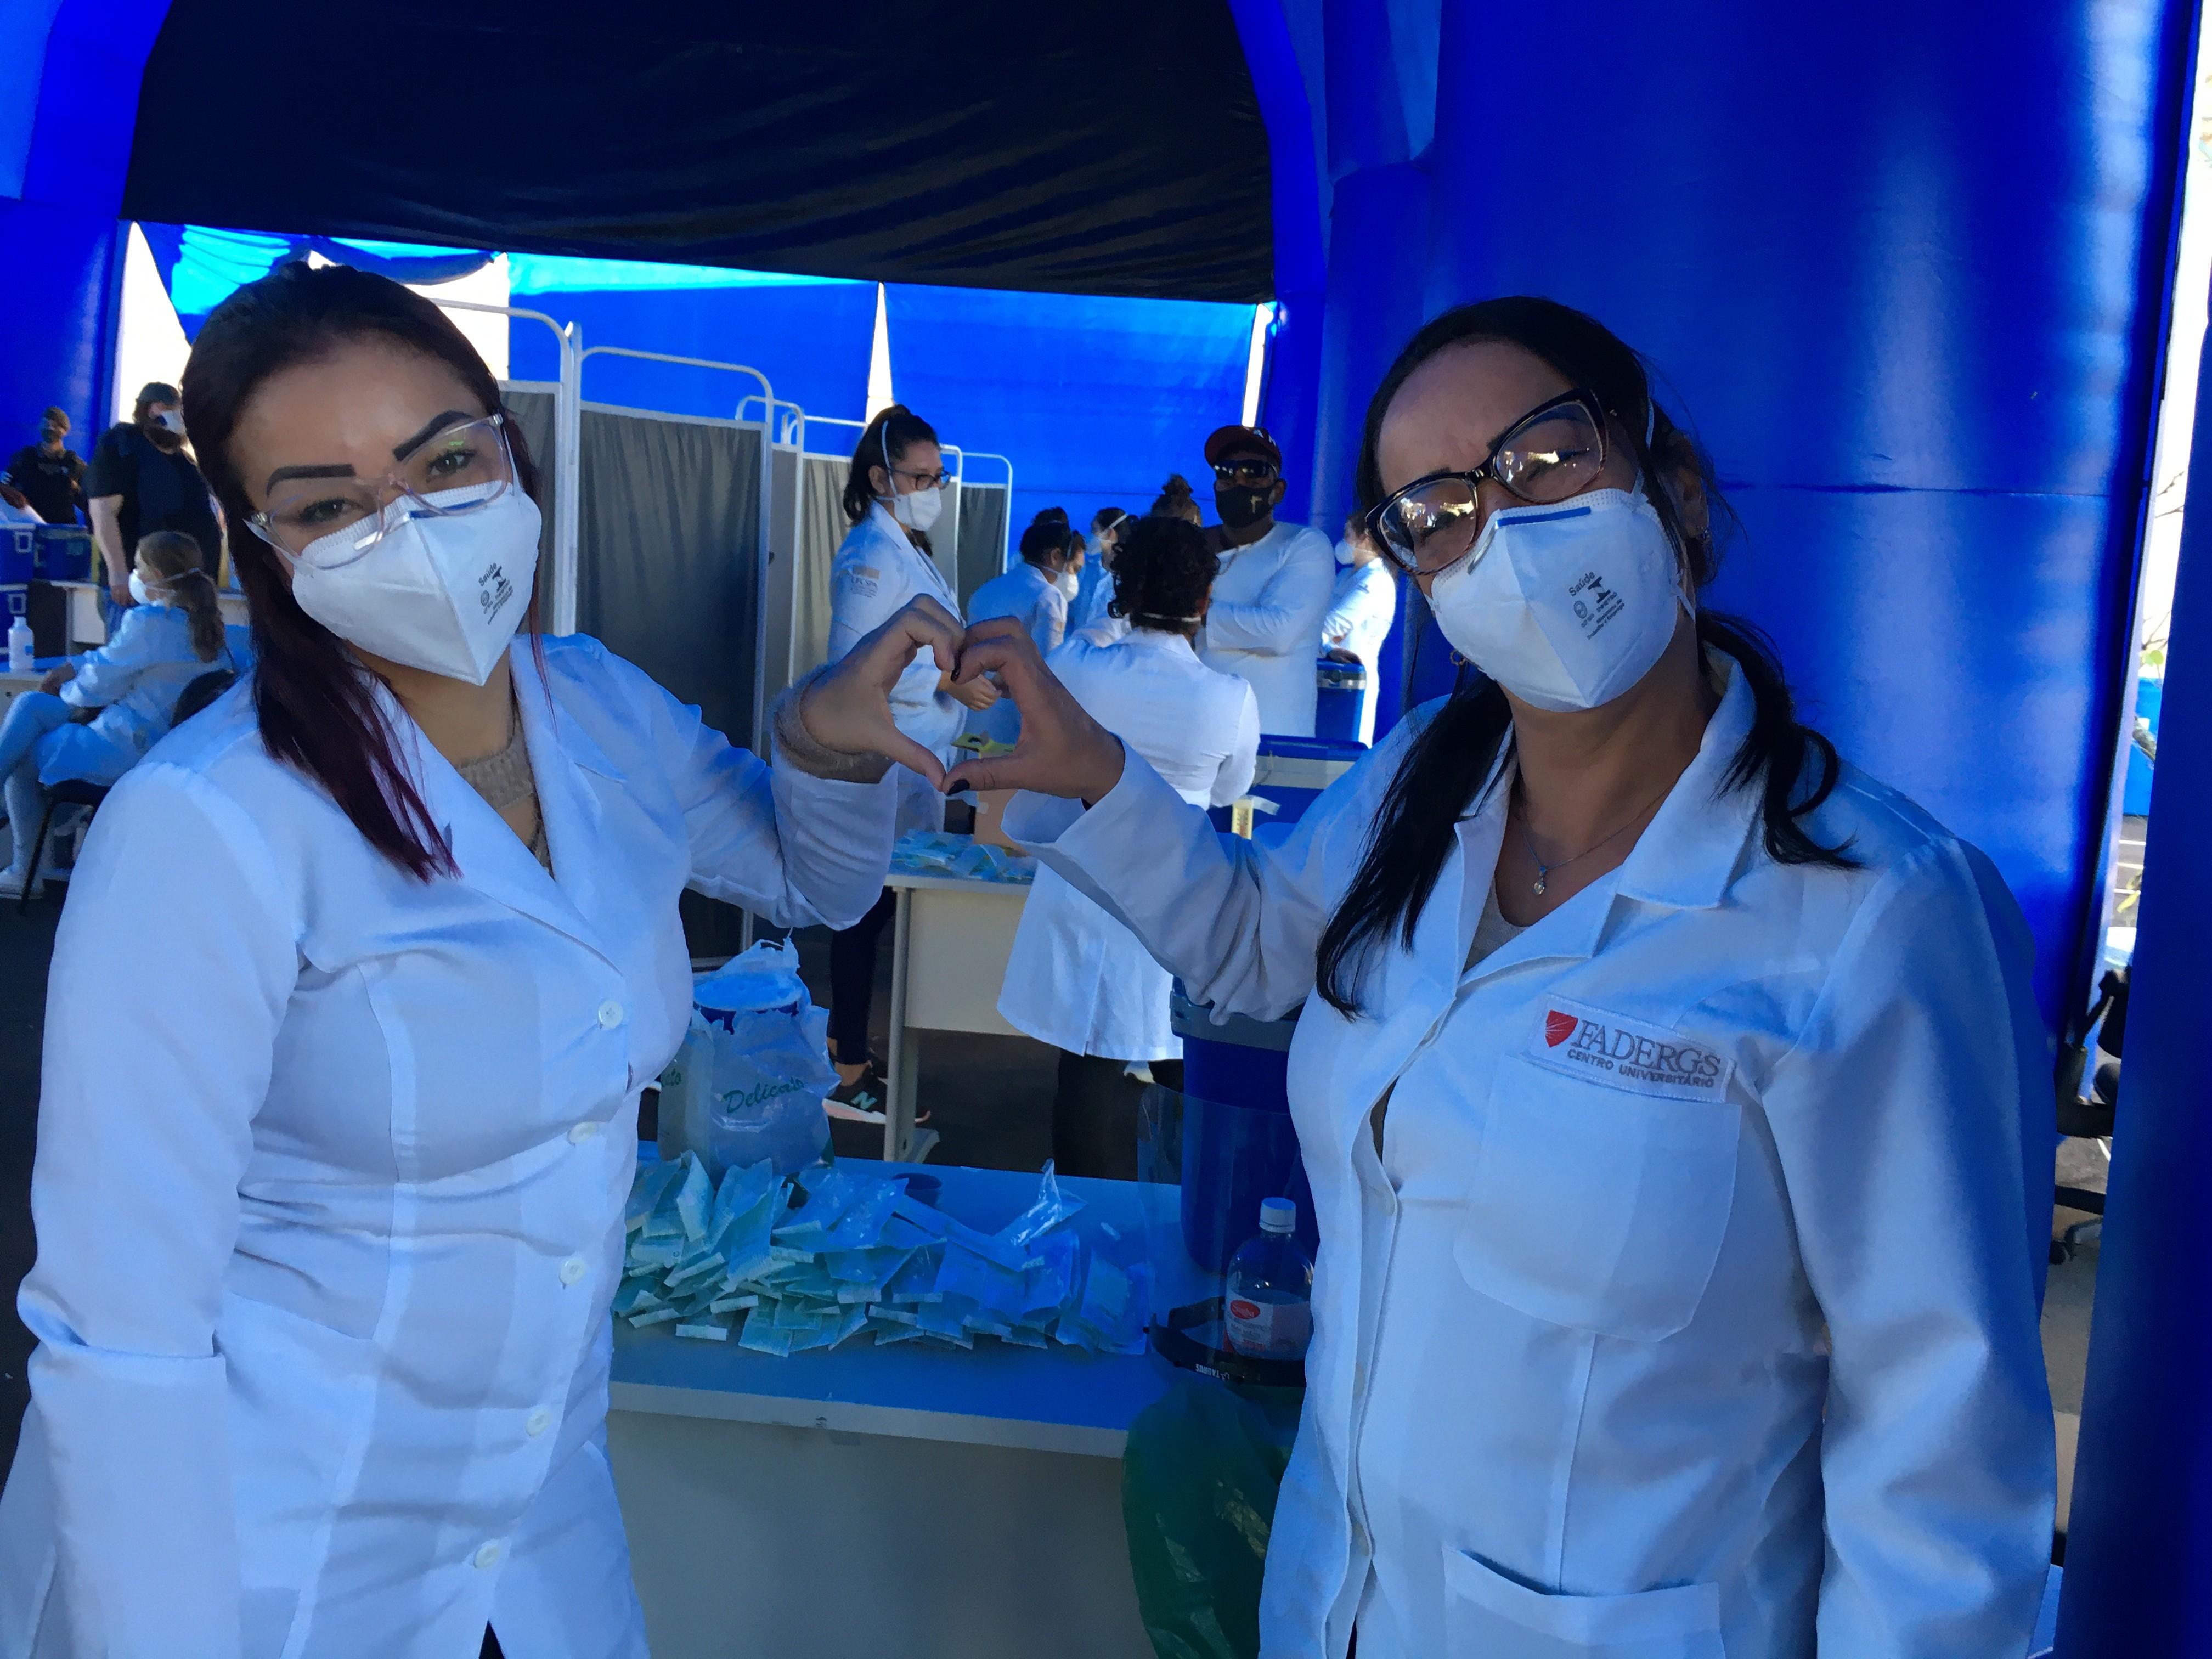 Mãe e filha passam Dia das Mães trabalhando na vacinação contra Covid em Porto Alegre